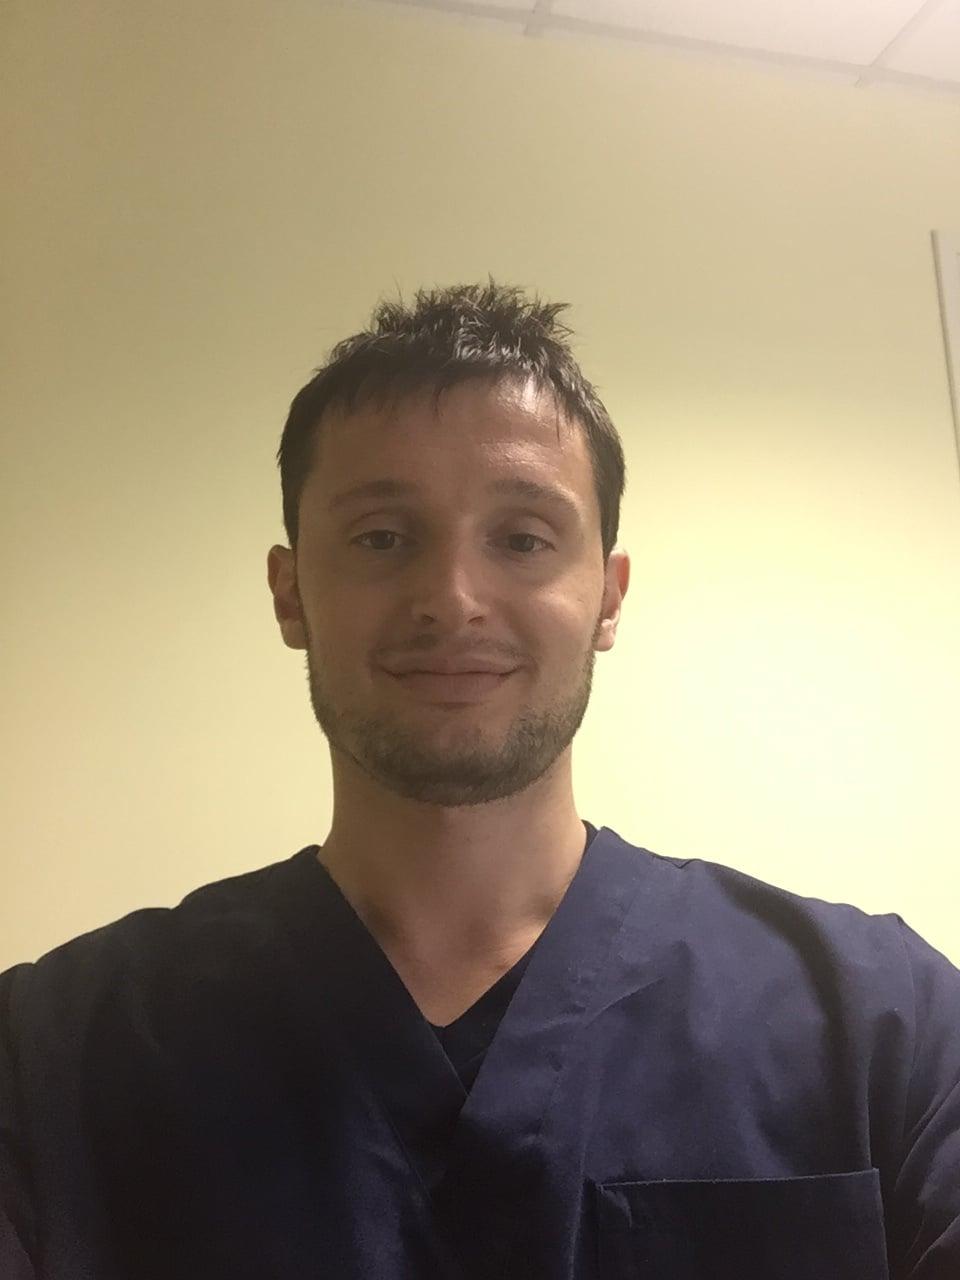 I Migliori 39 Fisioterapisti A Parma Con Preventivi Gratuiti